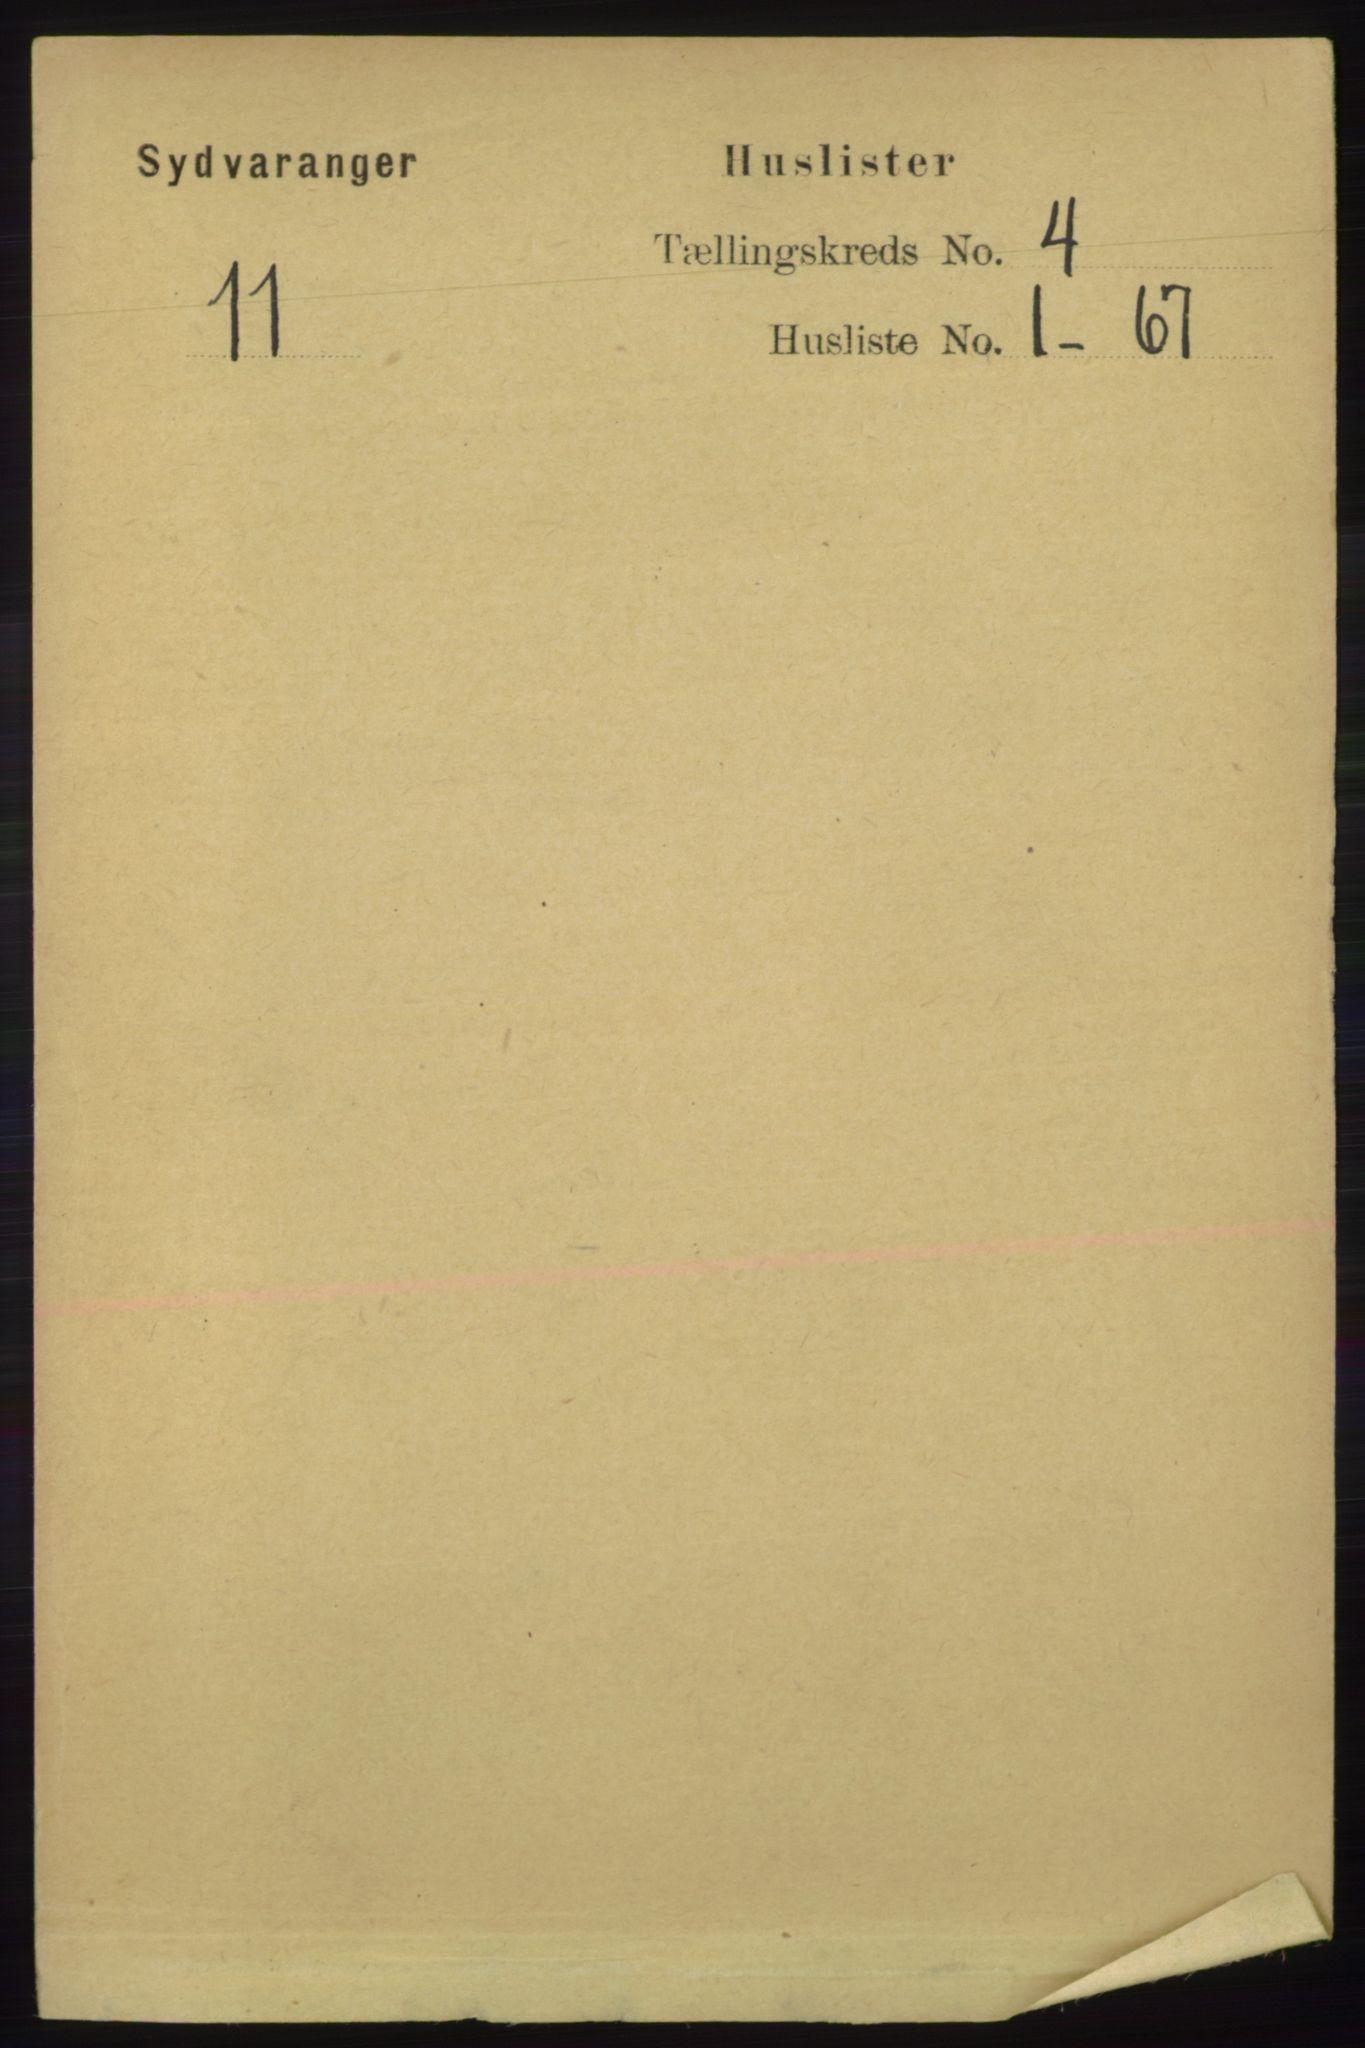 RA, Folketelling 1891 for 2030 Sør-Varanger herred, 1891, s. 1009